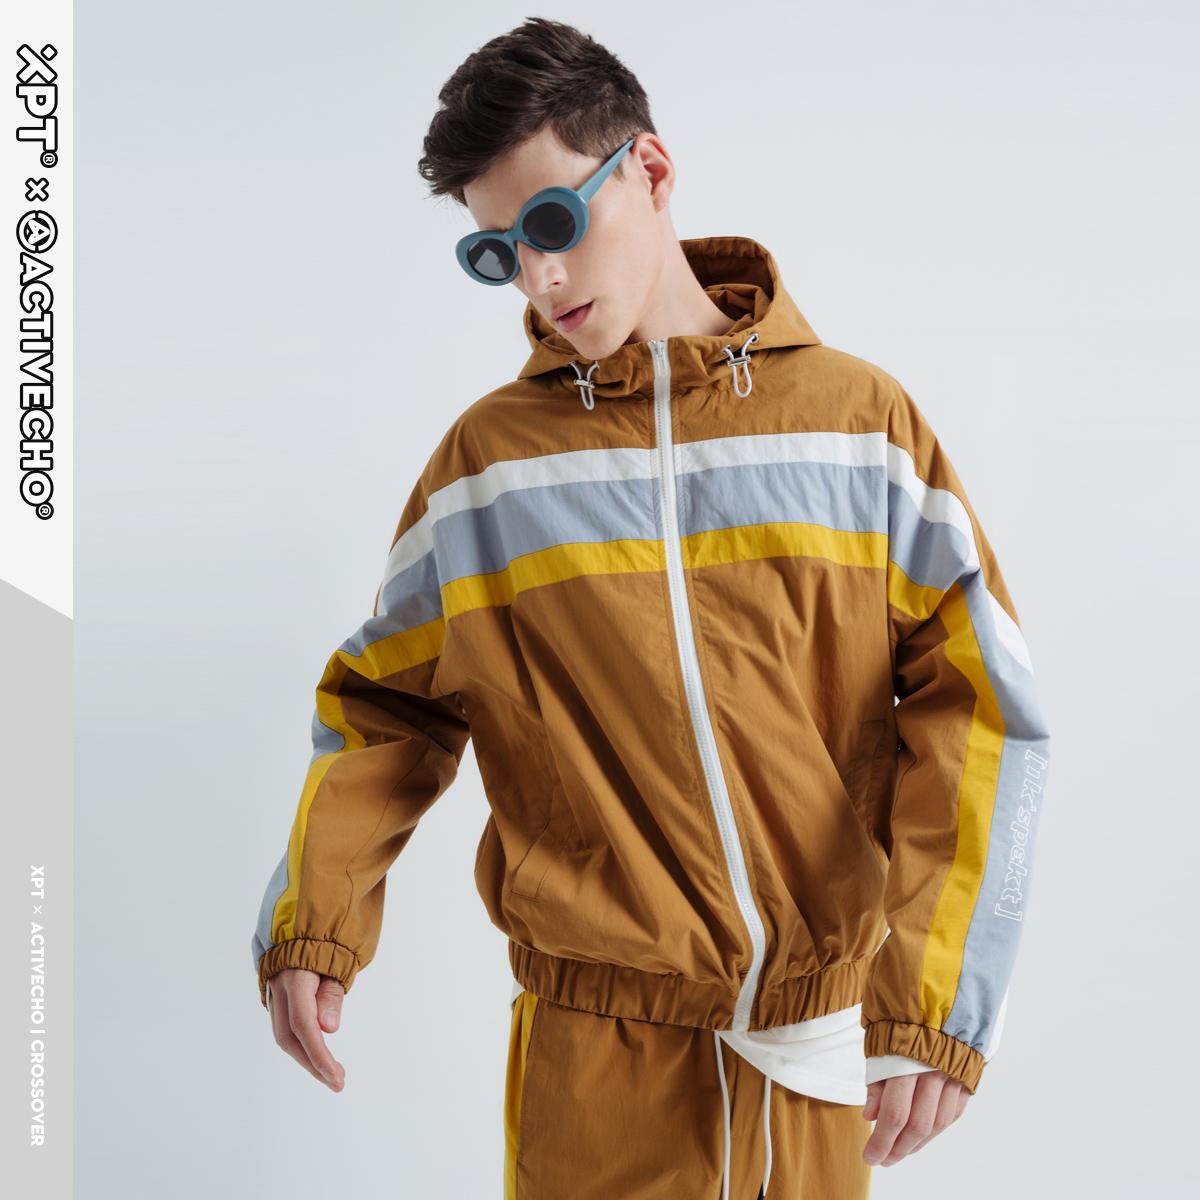 国潮连帽外套男 2020春季新款韩版潮流撞色拼接运动休闲夹克上衣